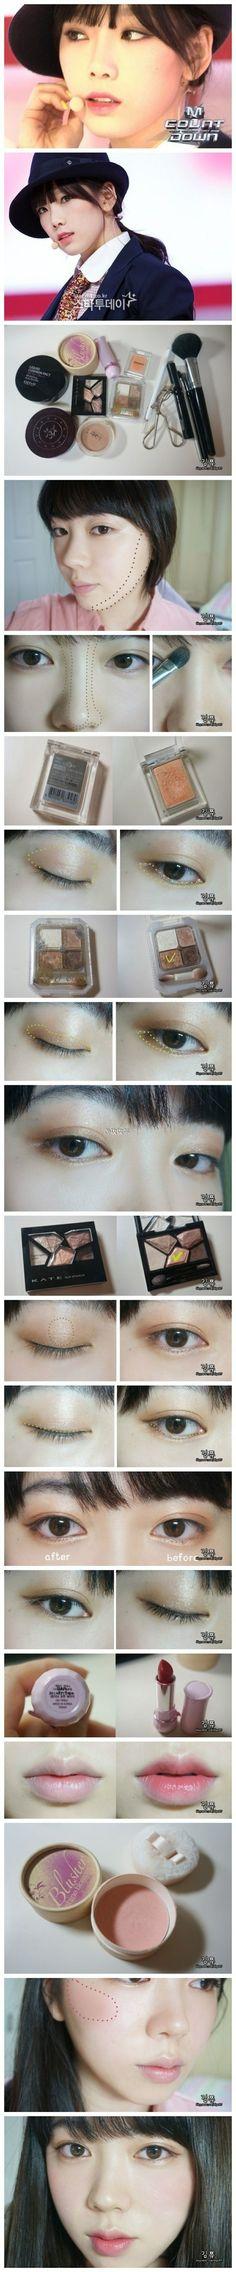 Korean make up snsd